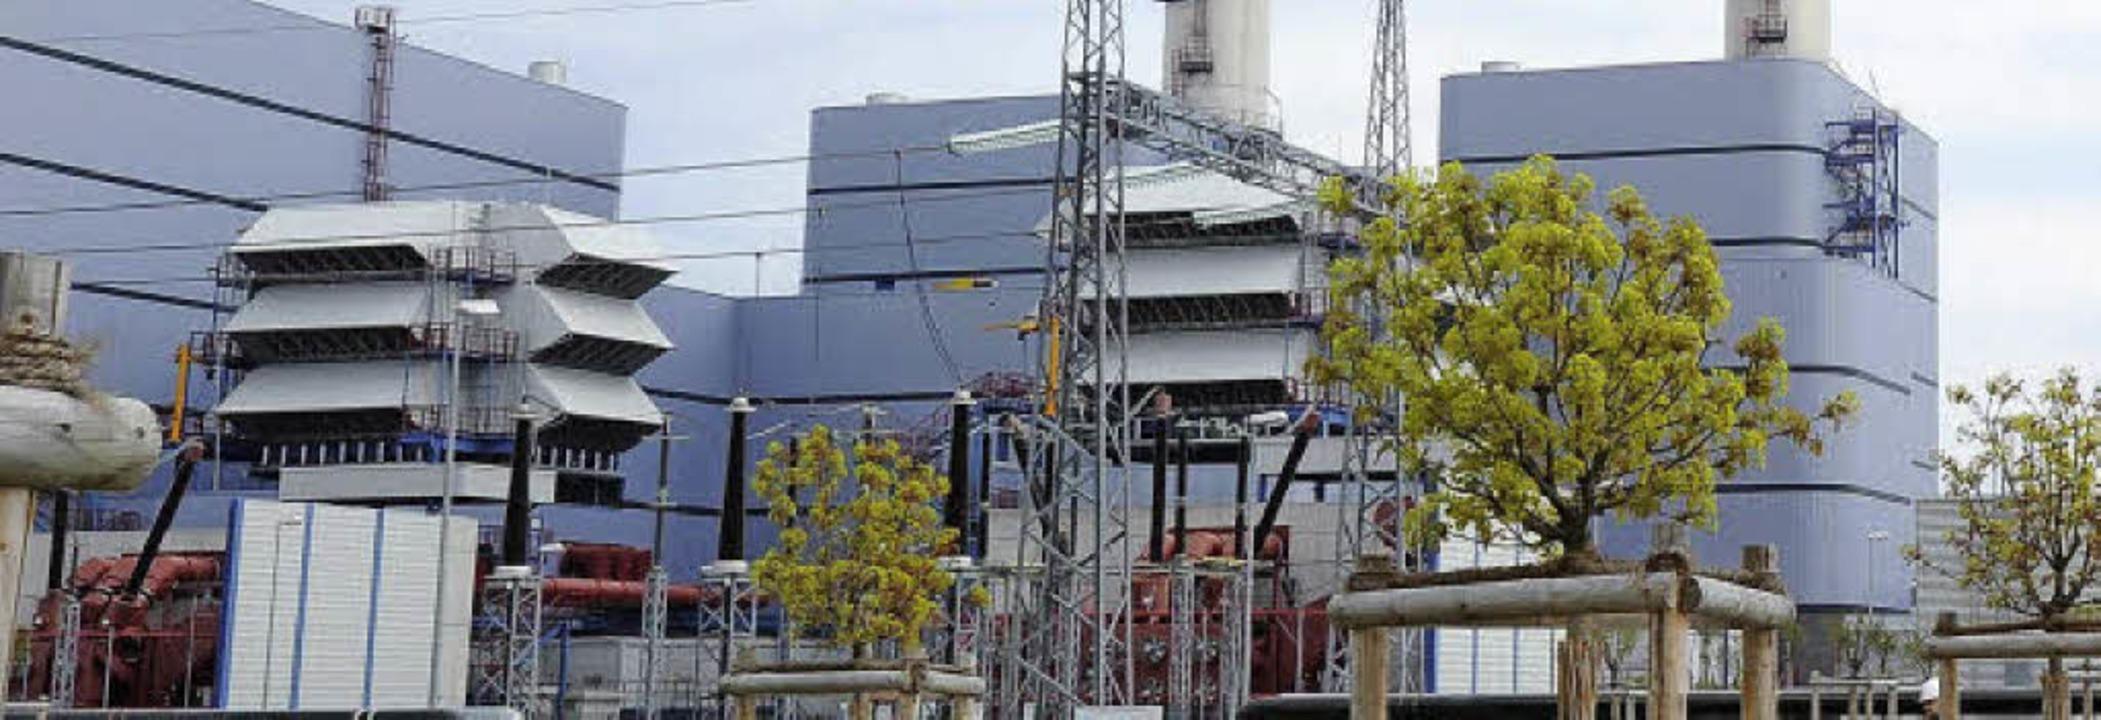 Bald außer Betrieb? Gaskraftwerk Irsching  | Foto: DPA